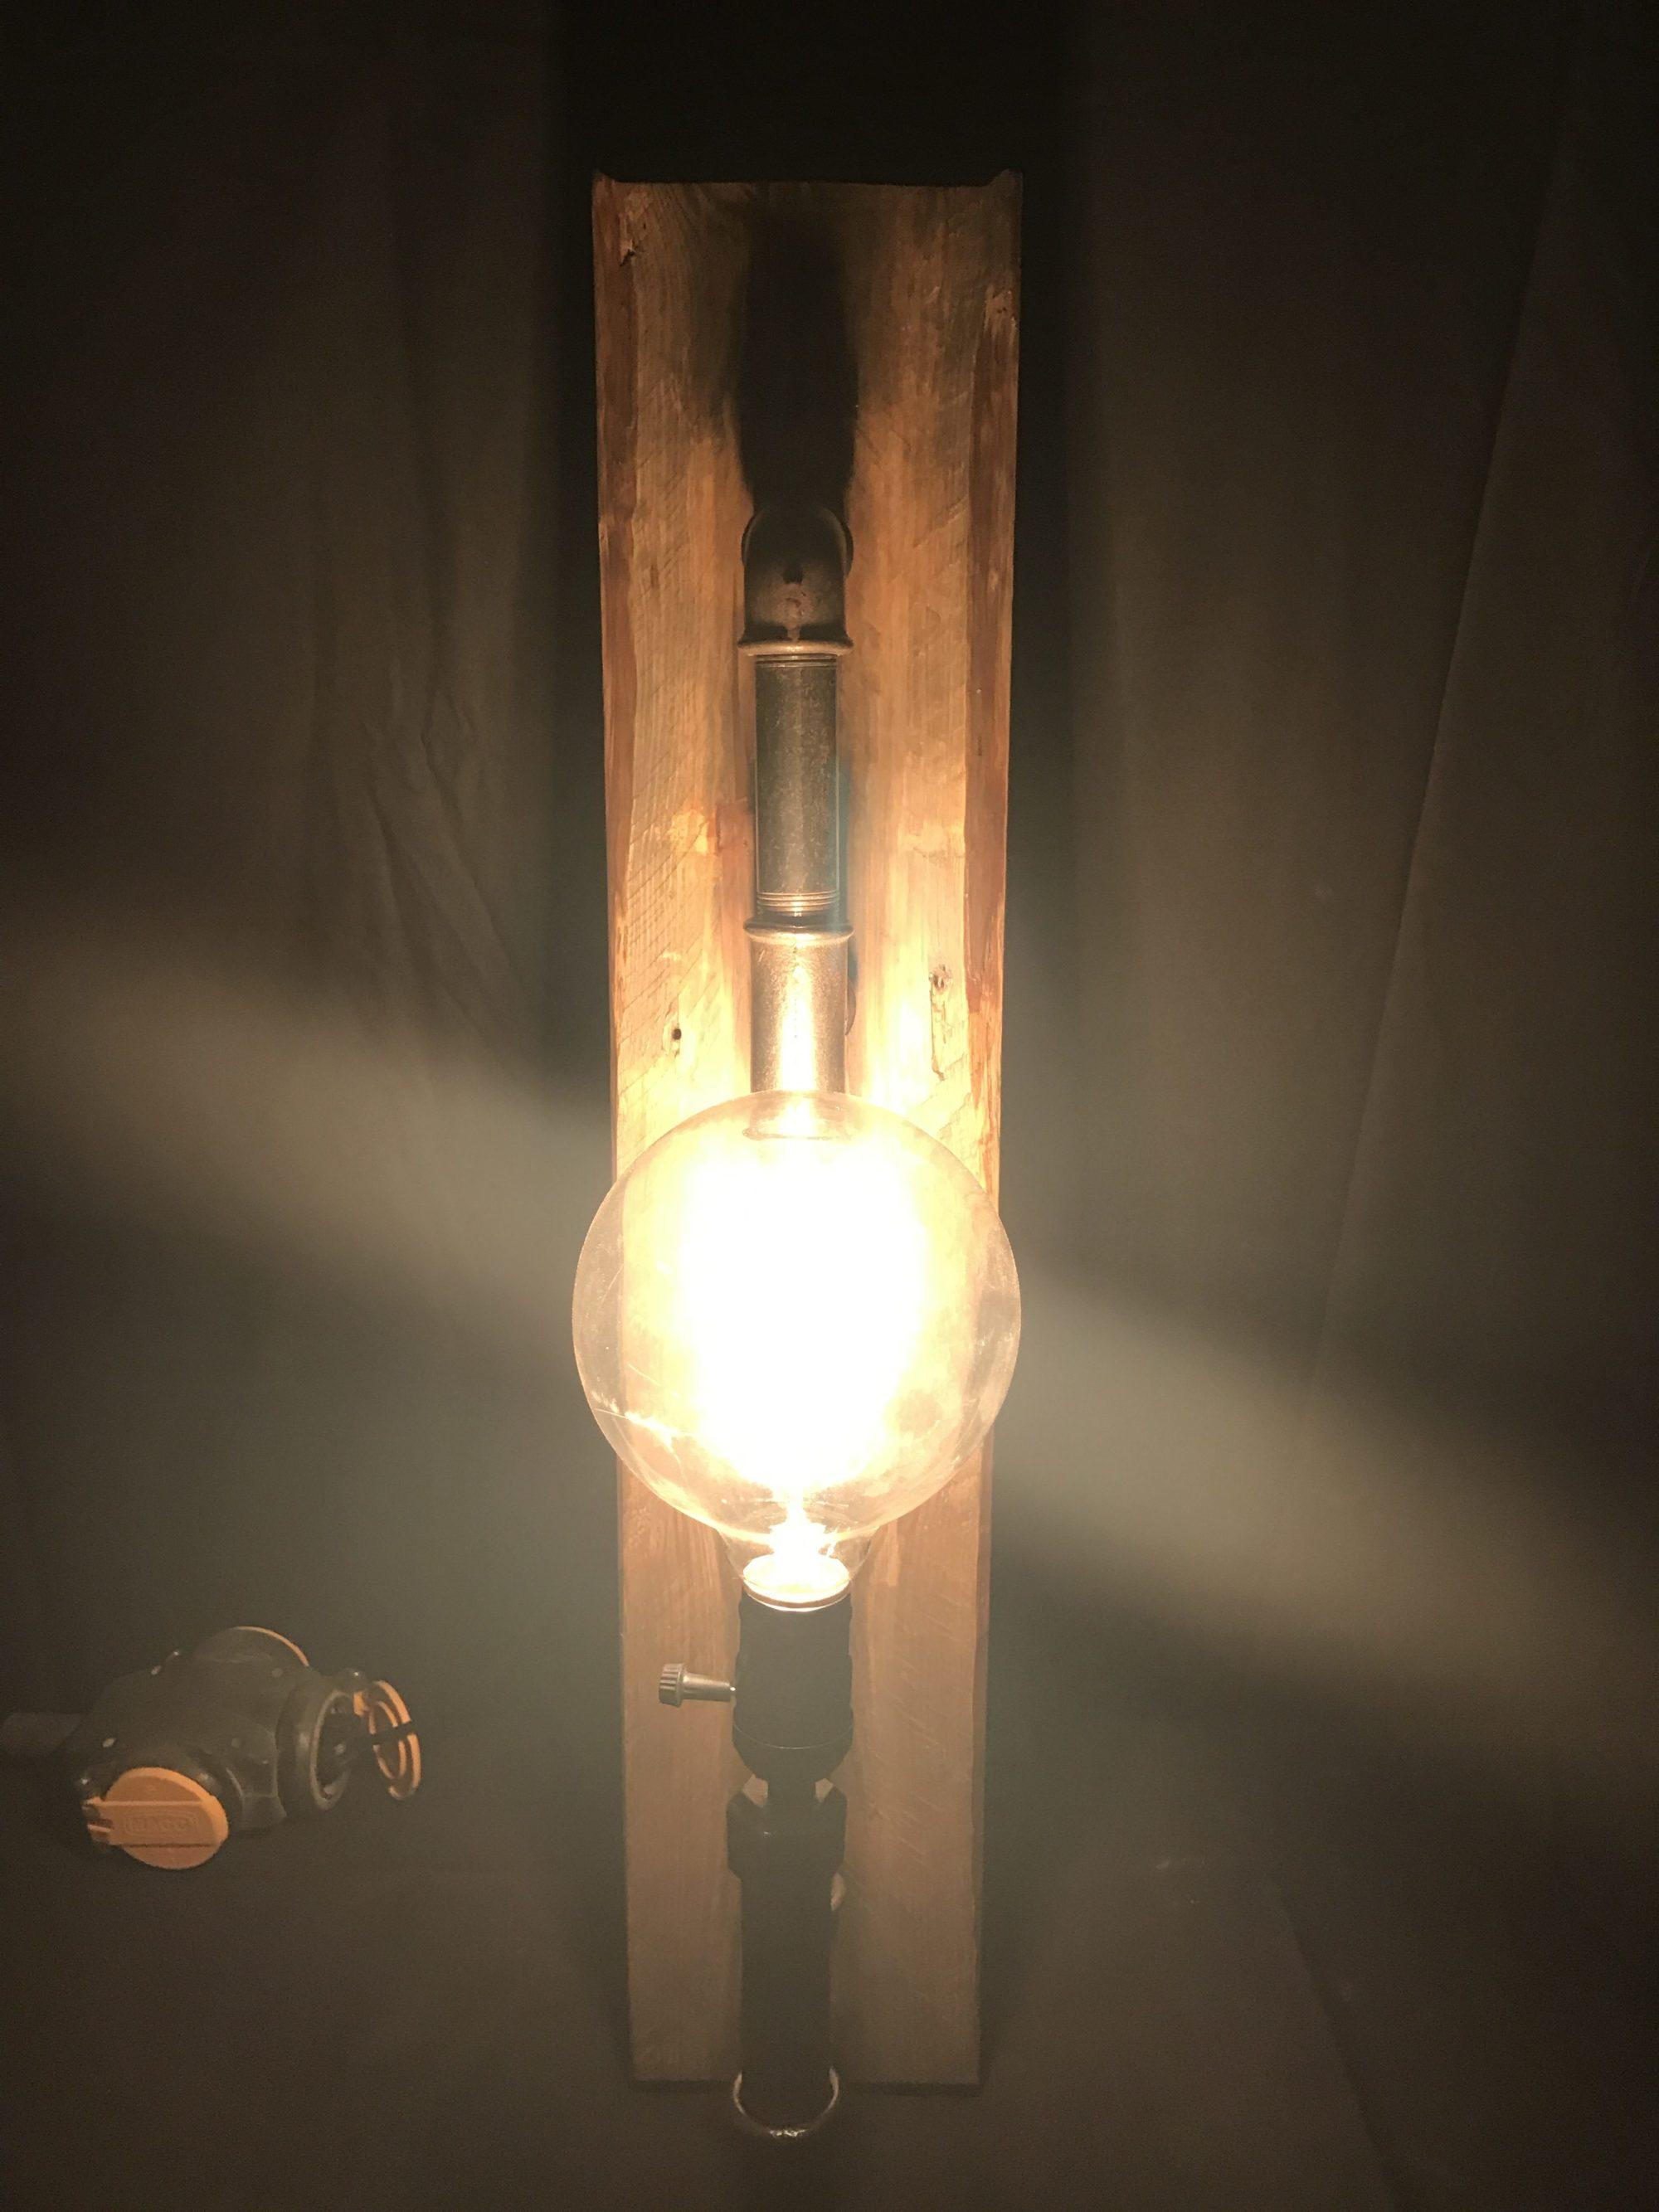 Luminaire Aurelie Jvidcreations